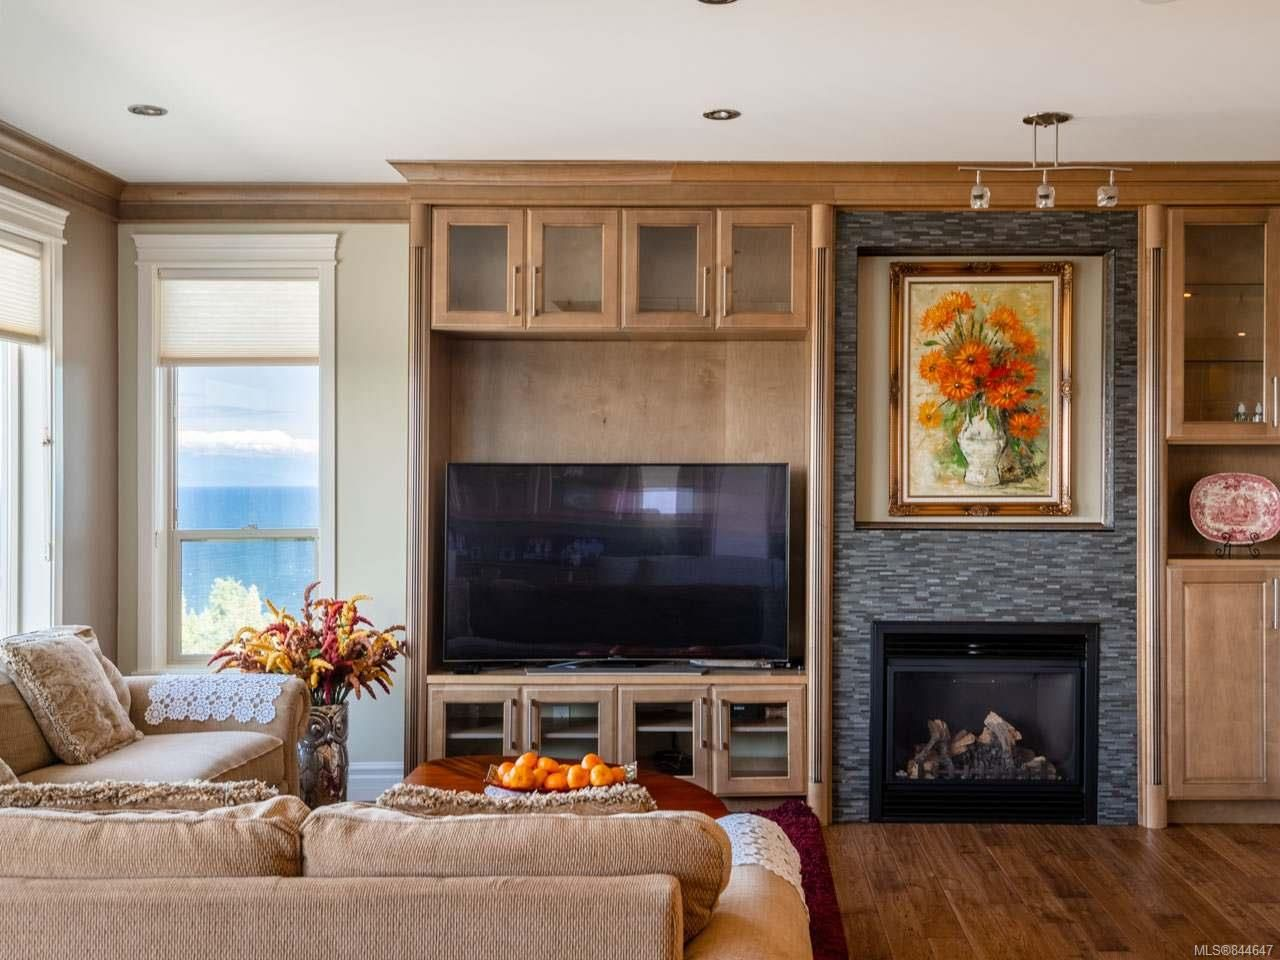 Photo 38: Photos: 4576 Laguna Way in NANAIMO: Na North Nanaimo House for sale (Nanaimo)  : MLS®# 844647